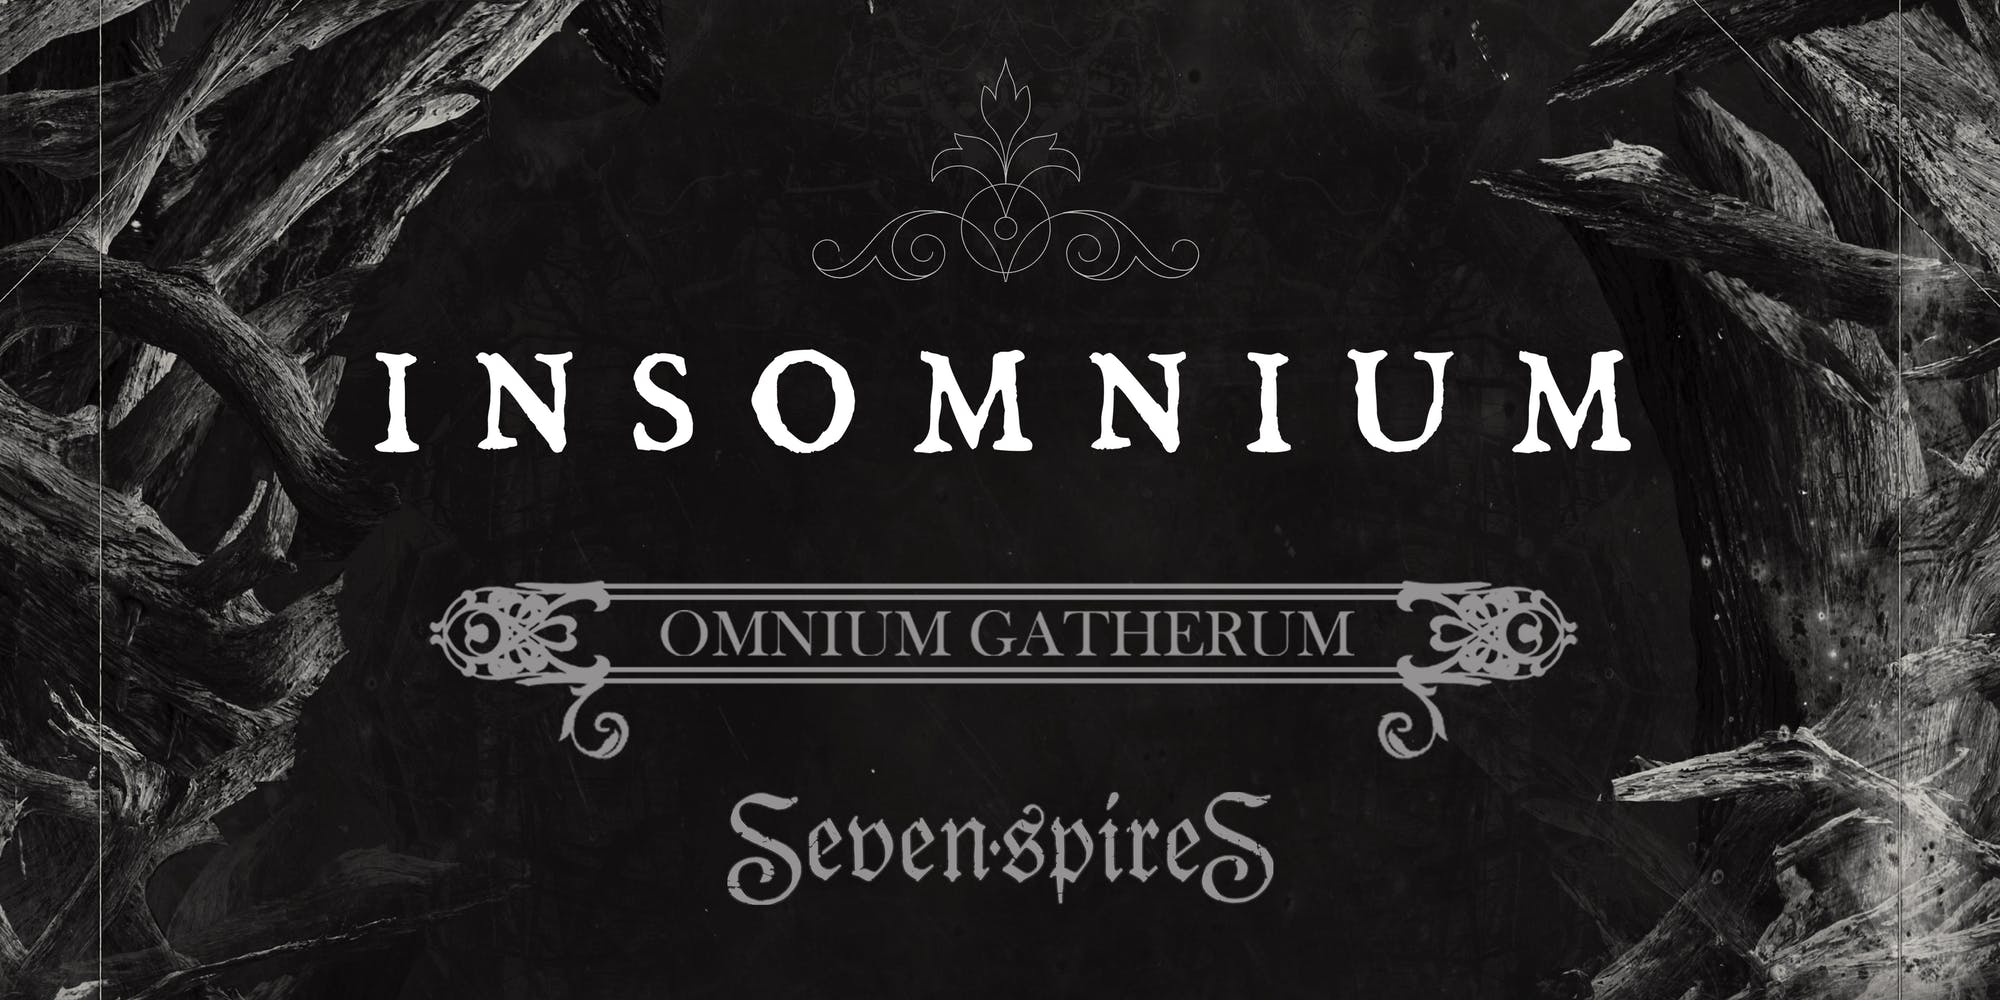 Insomnium, Omnium Gatherum, Seven Spires - Image 1